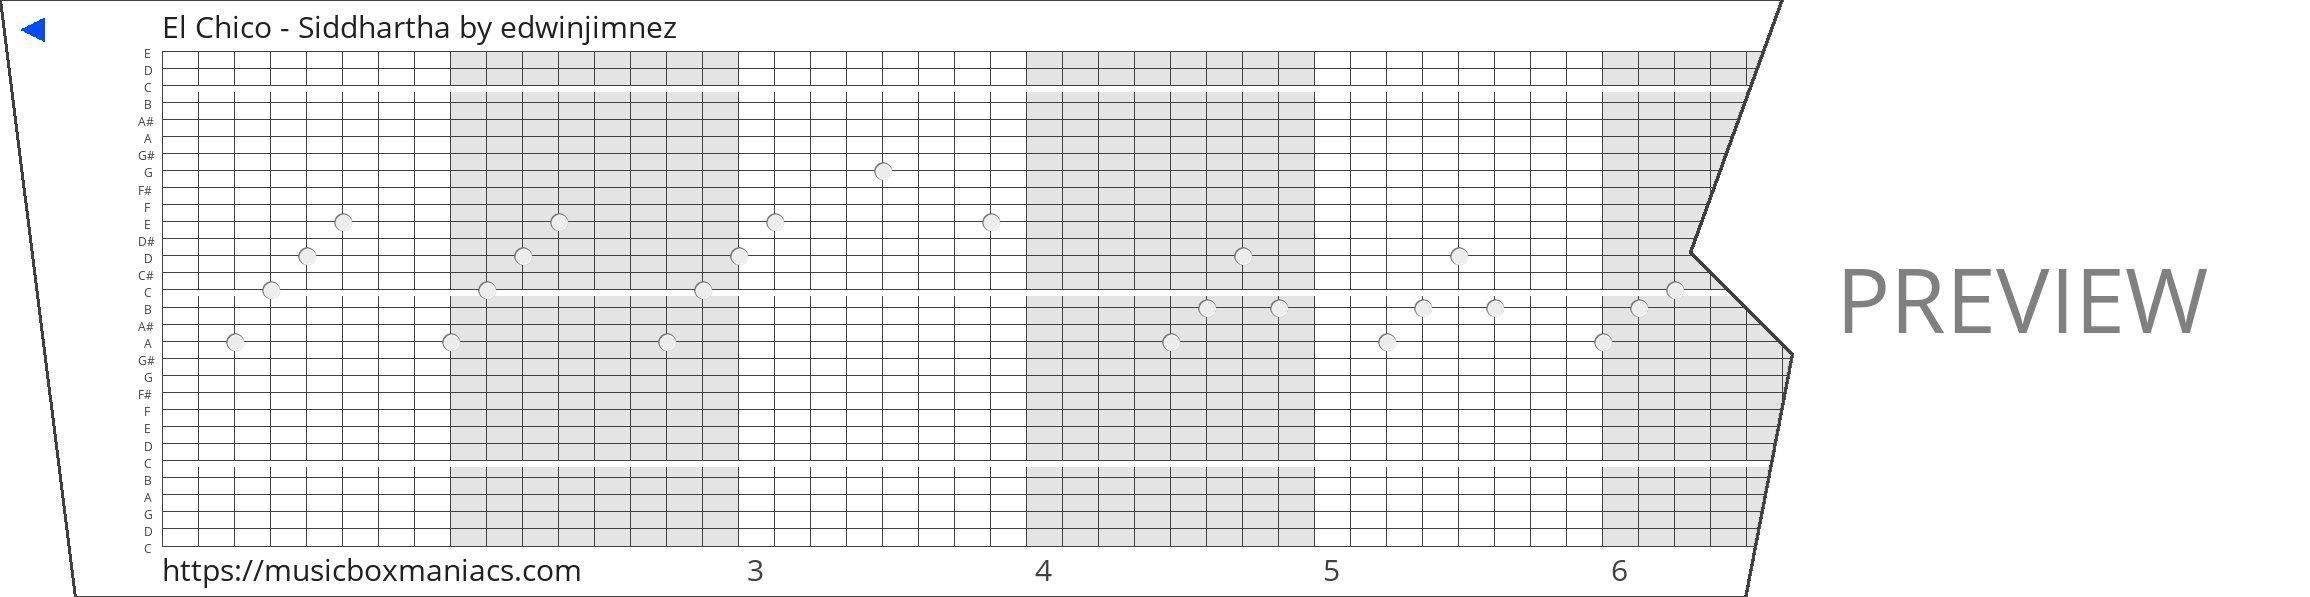 El Chico - Siddhartha 30 note music box paper strip